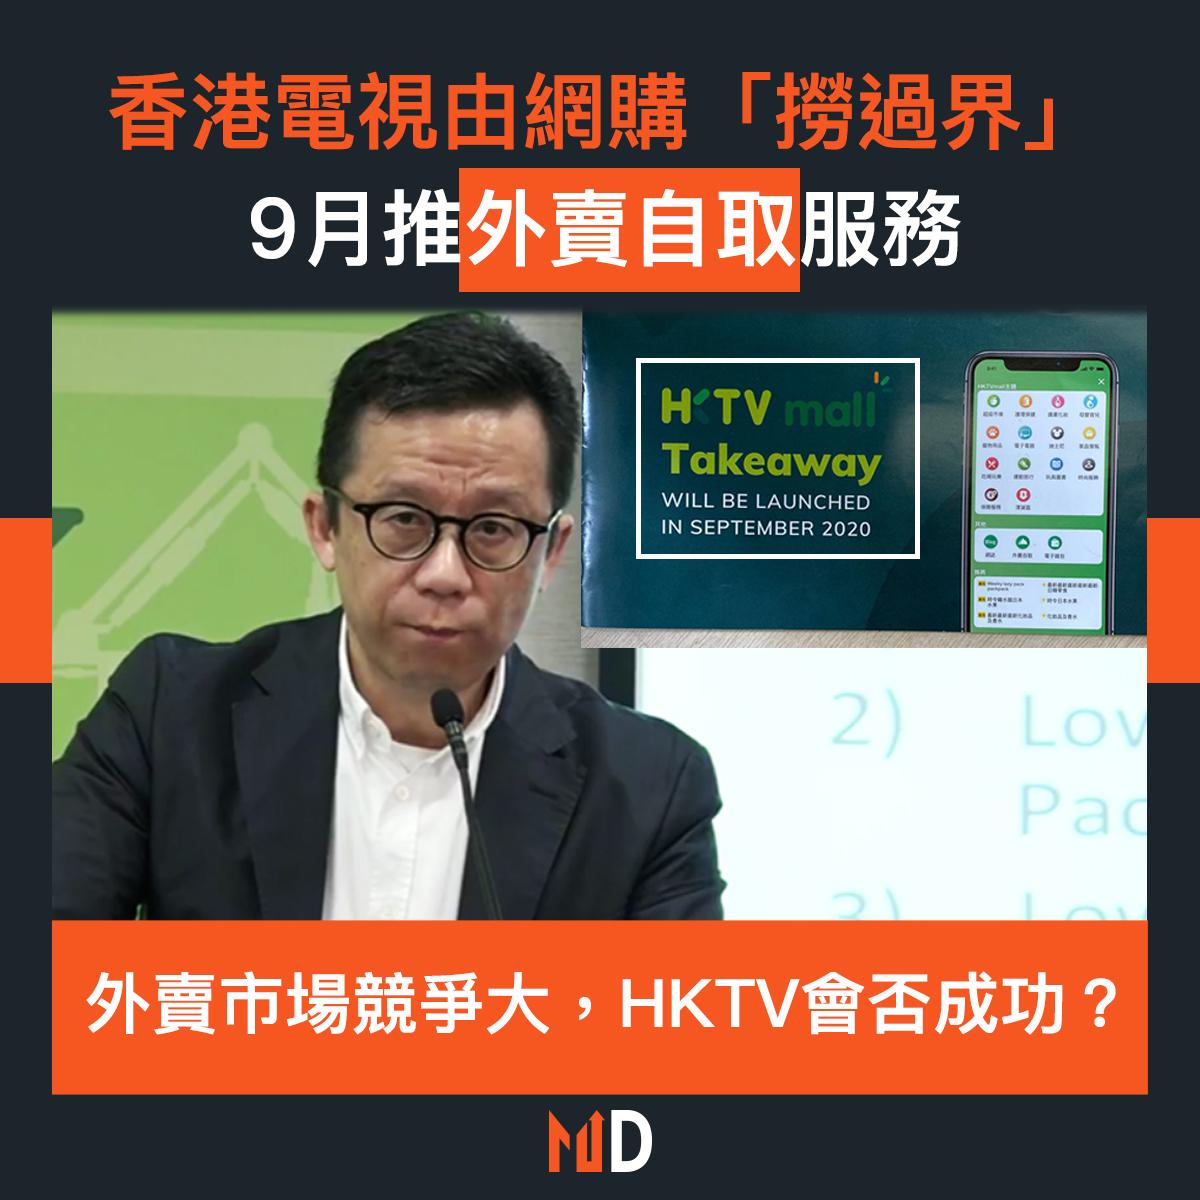 【市場熱話】香港電視由網購「撈過界」,9月推外賣自取服務